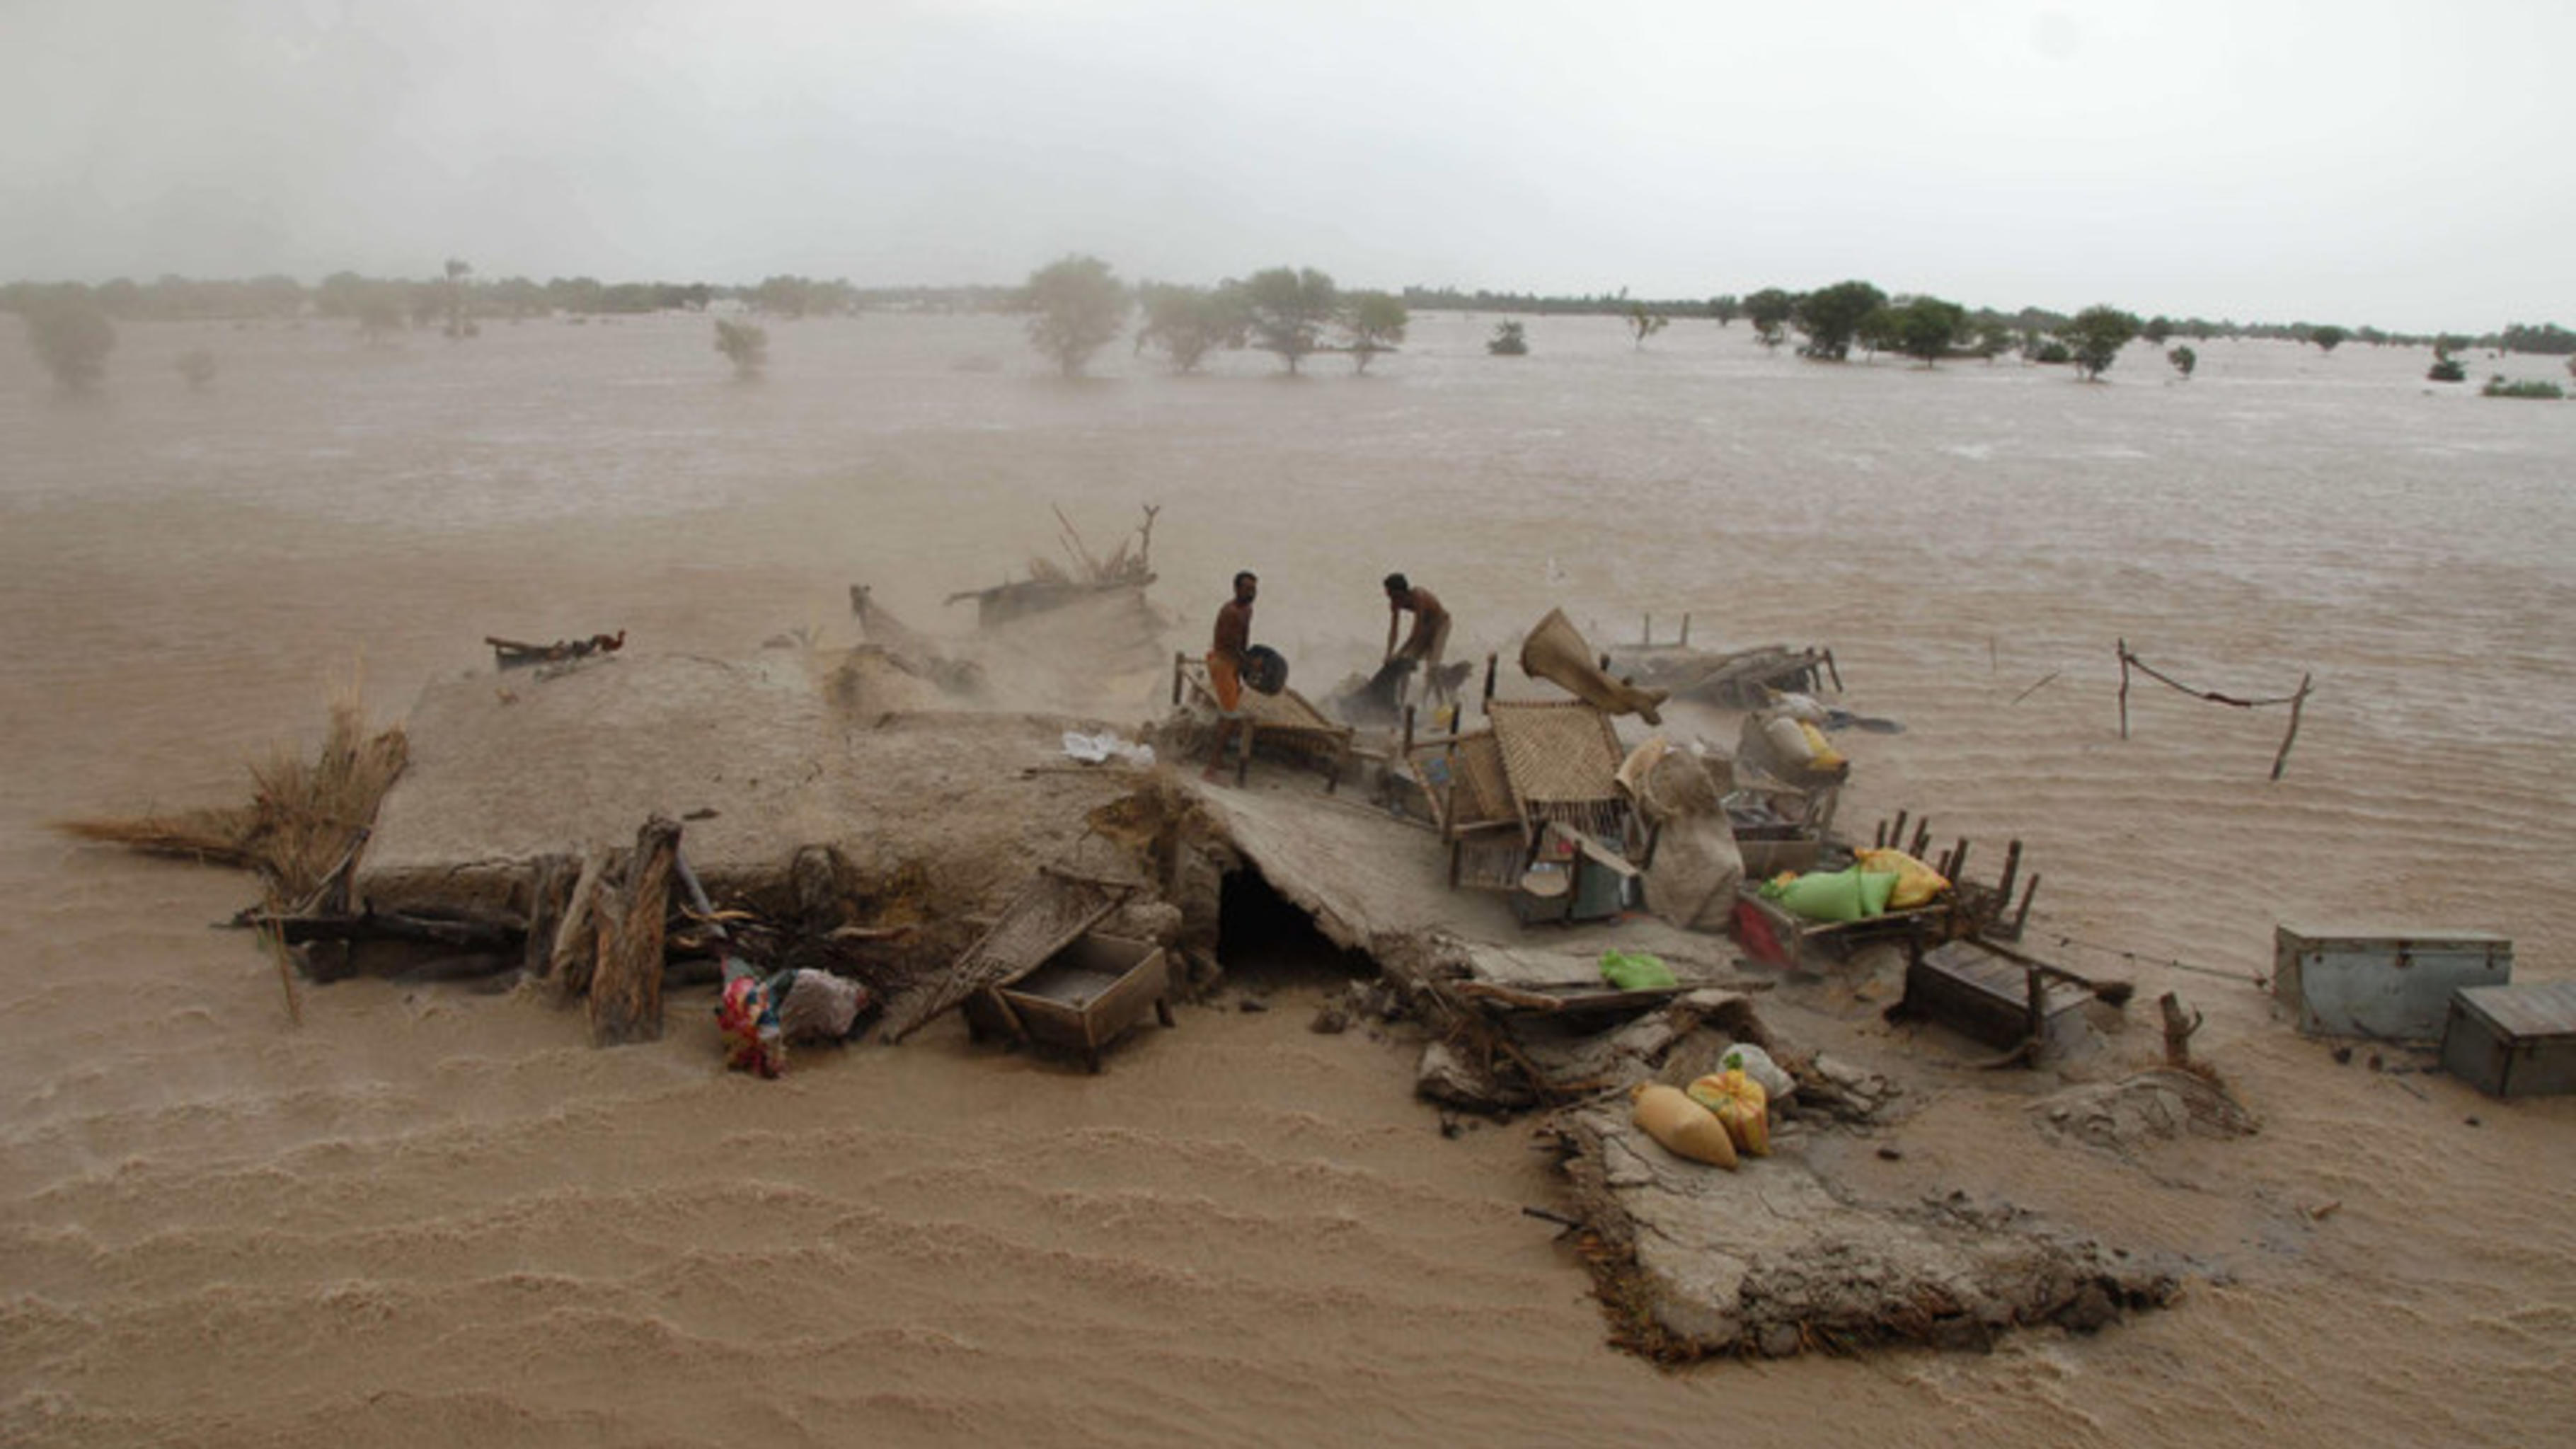 Foto: Menschen warten auf ihre Evakuierung aus den überfluteten Gebieten